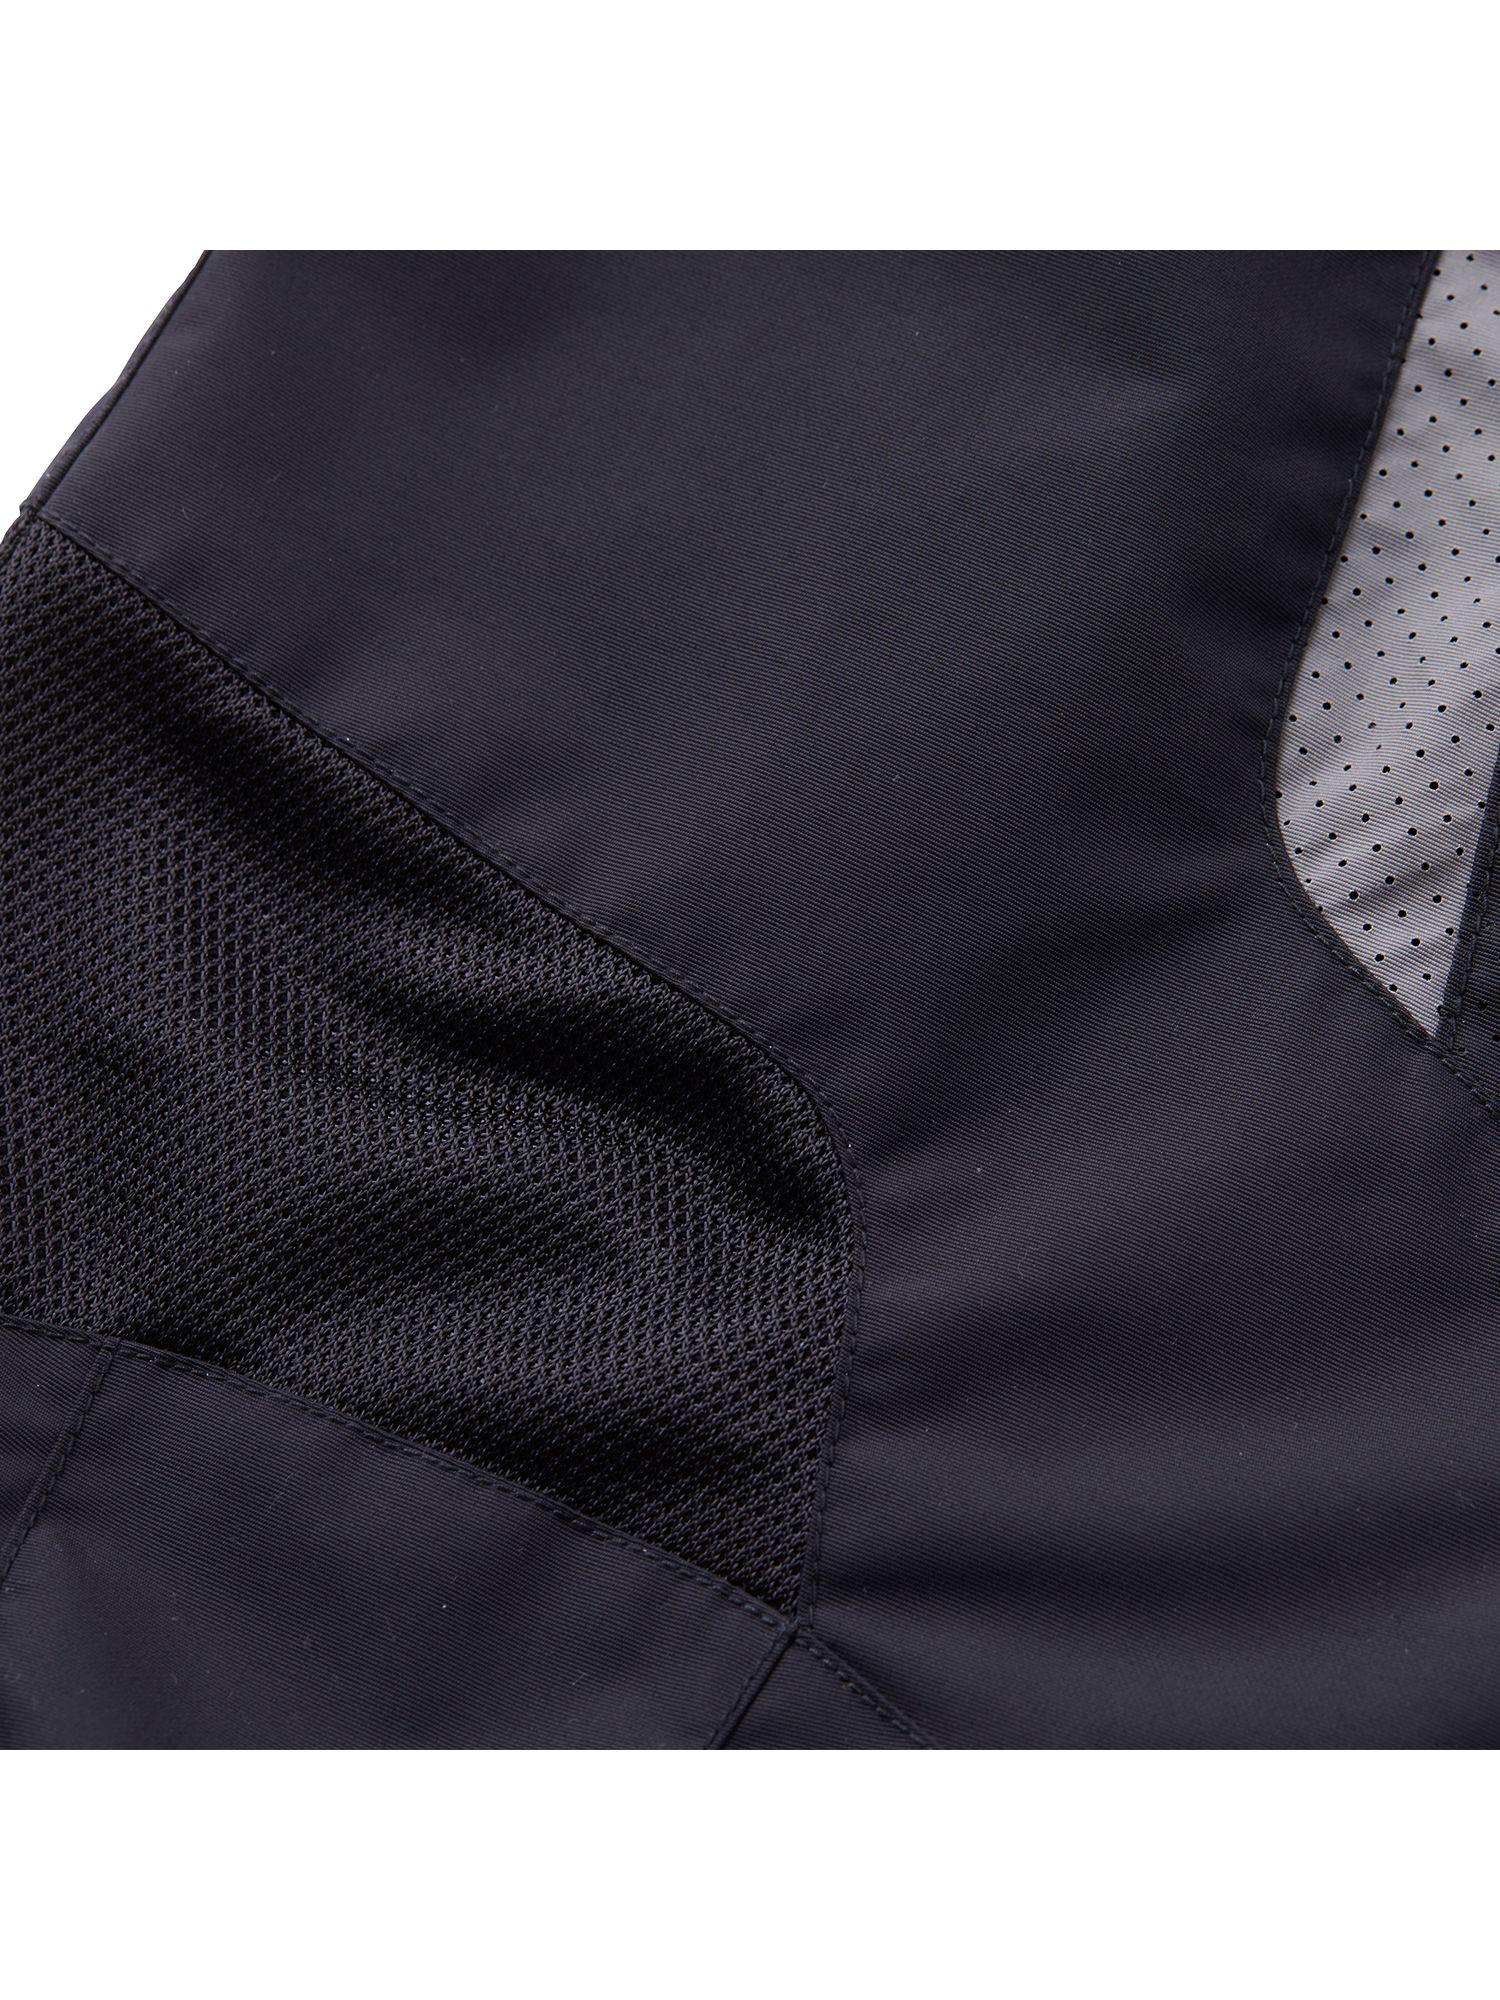 RSY256 | クロスオーバー メッシュ パンツ[4colors]